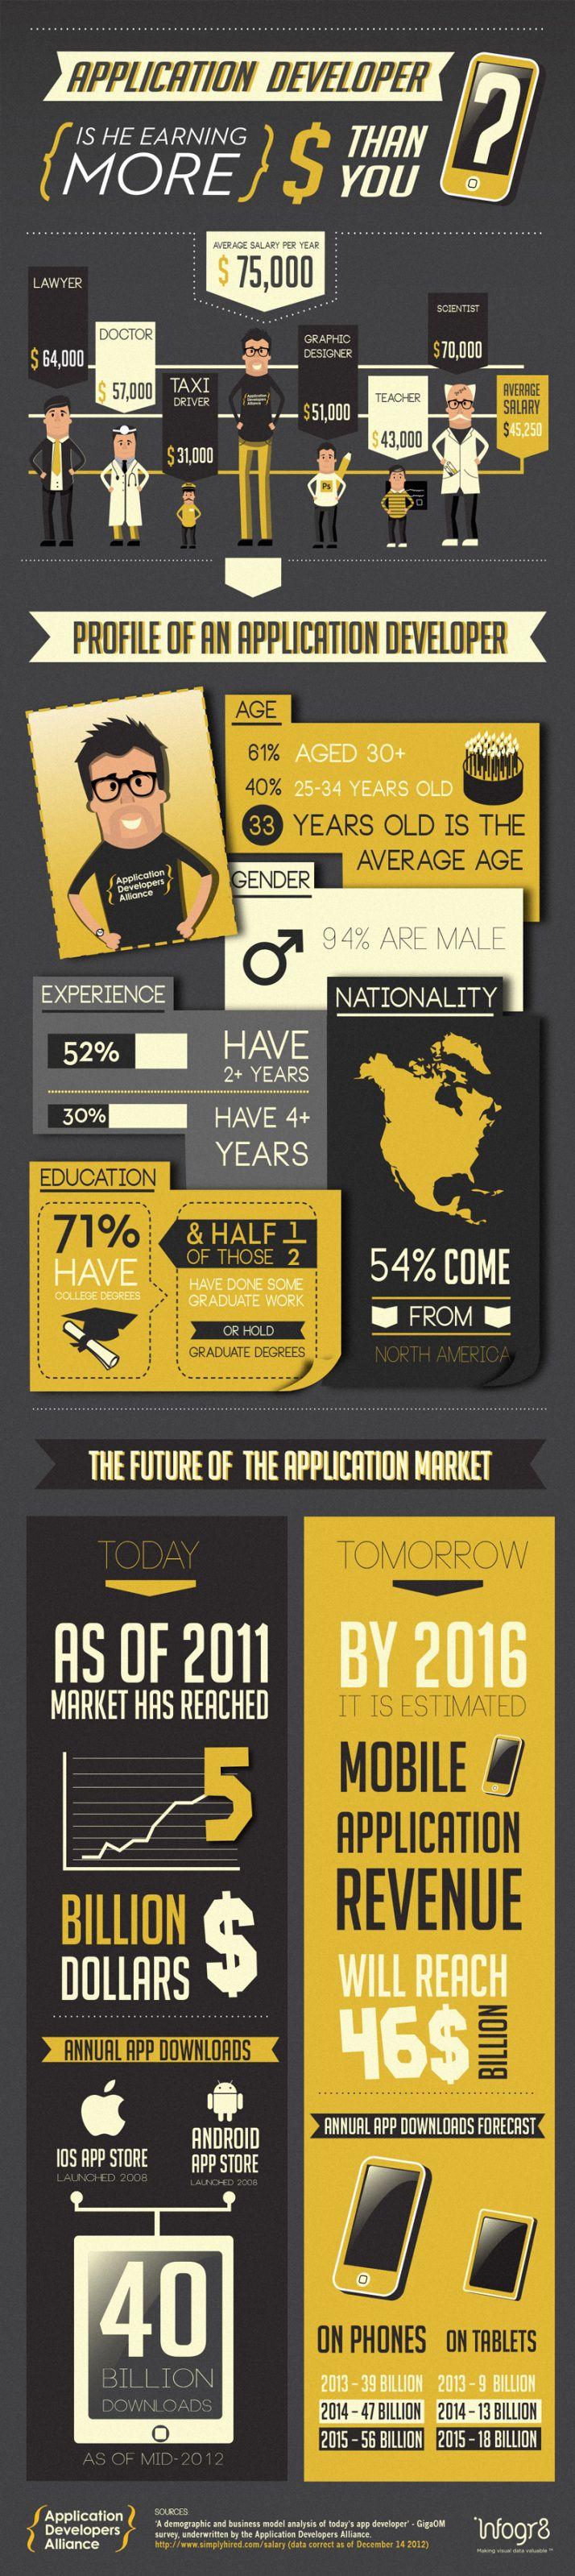 ¿Un desarrollador de aplicaciones gana más que tu? #infografia #infographic #software